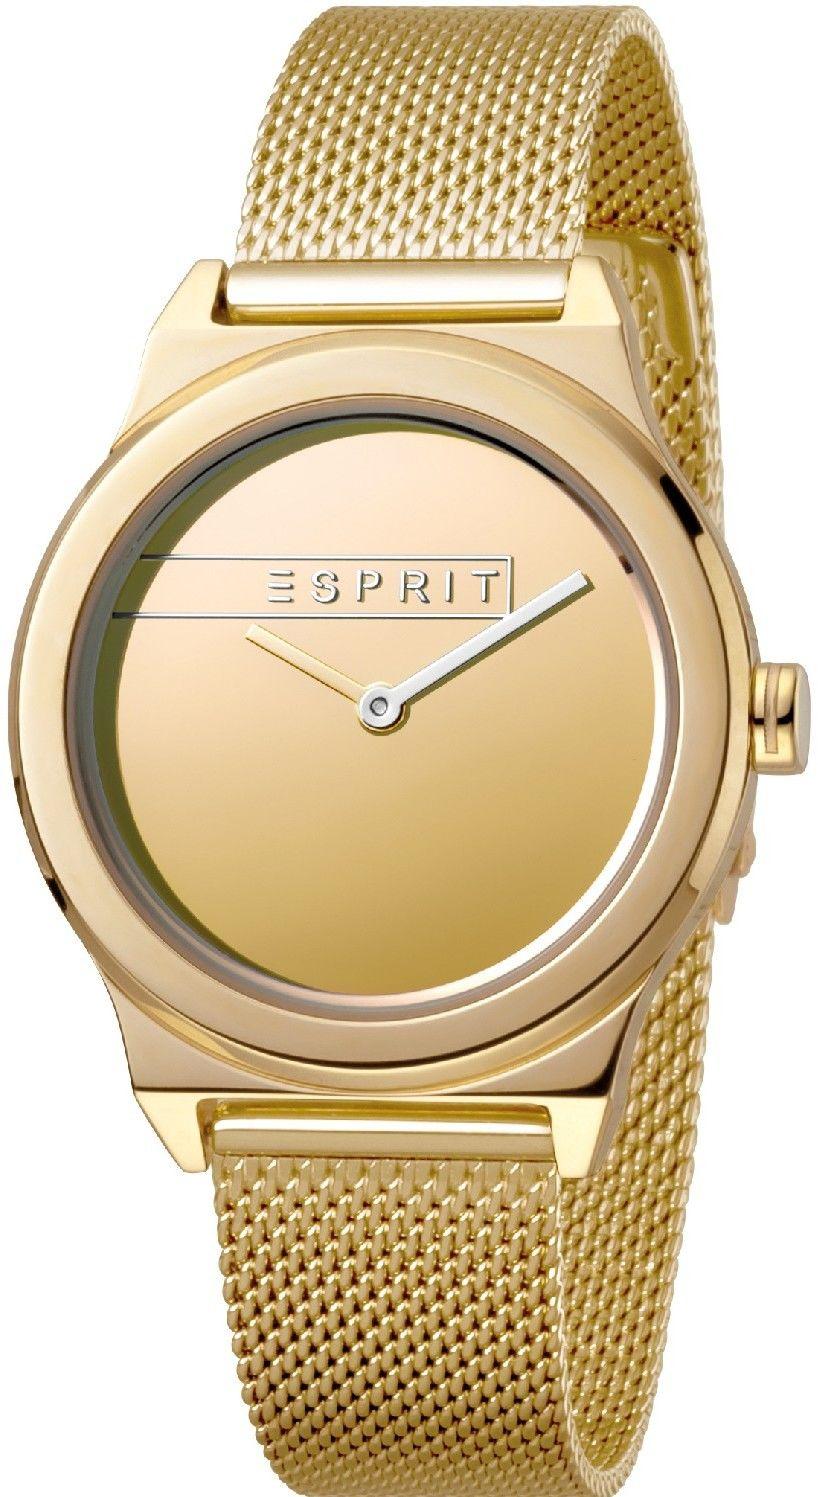 Zegarek Esprit ES1L019M0085 - CENA DO NEGOCJACJI - DOSTAWA DHL GRATIS, KUPUJ BEZ RYZYKA - 100 dni na zwrot, możliwość wygrawerowania dowolnego tekstu.